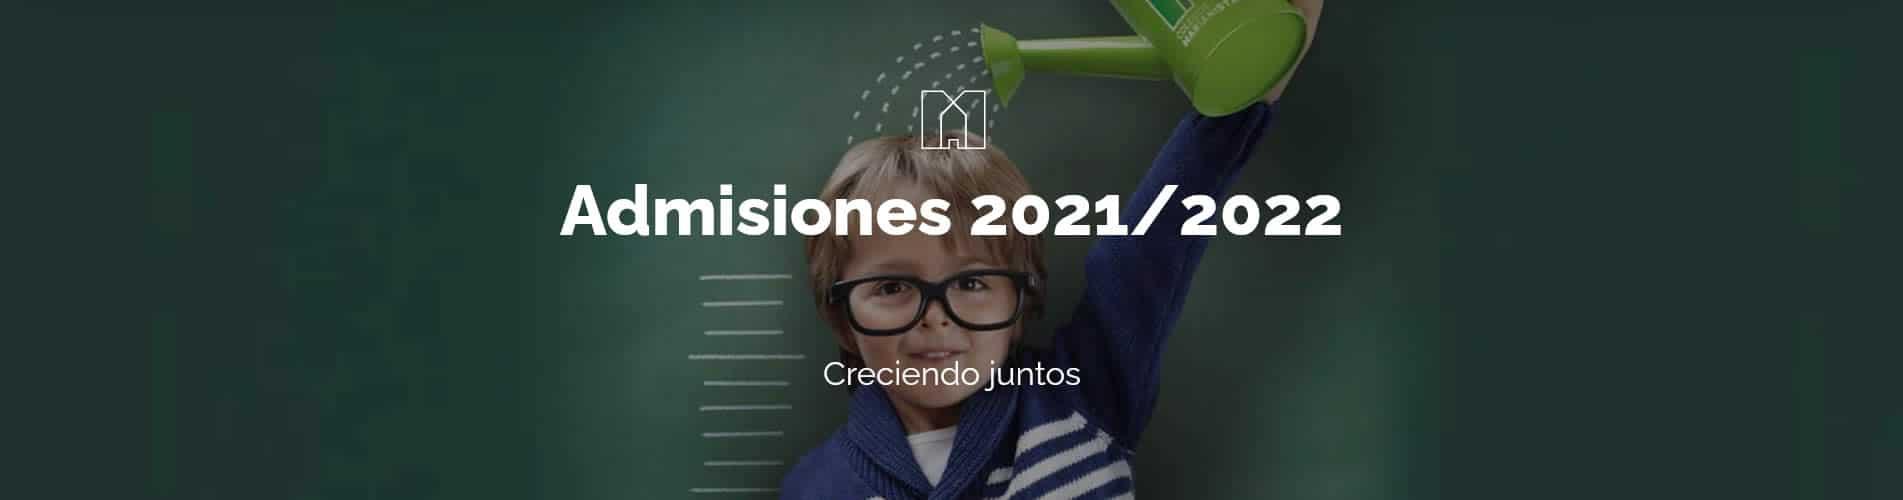 Toda la información sobre el proceso de admisión 2021/2022